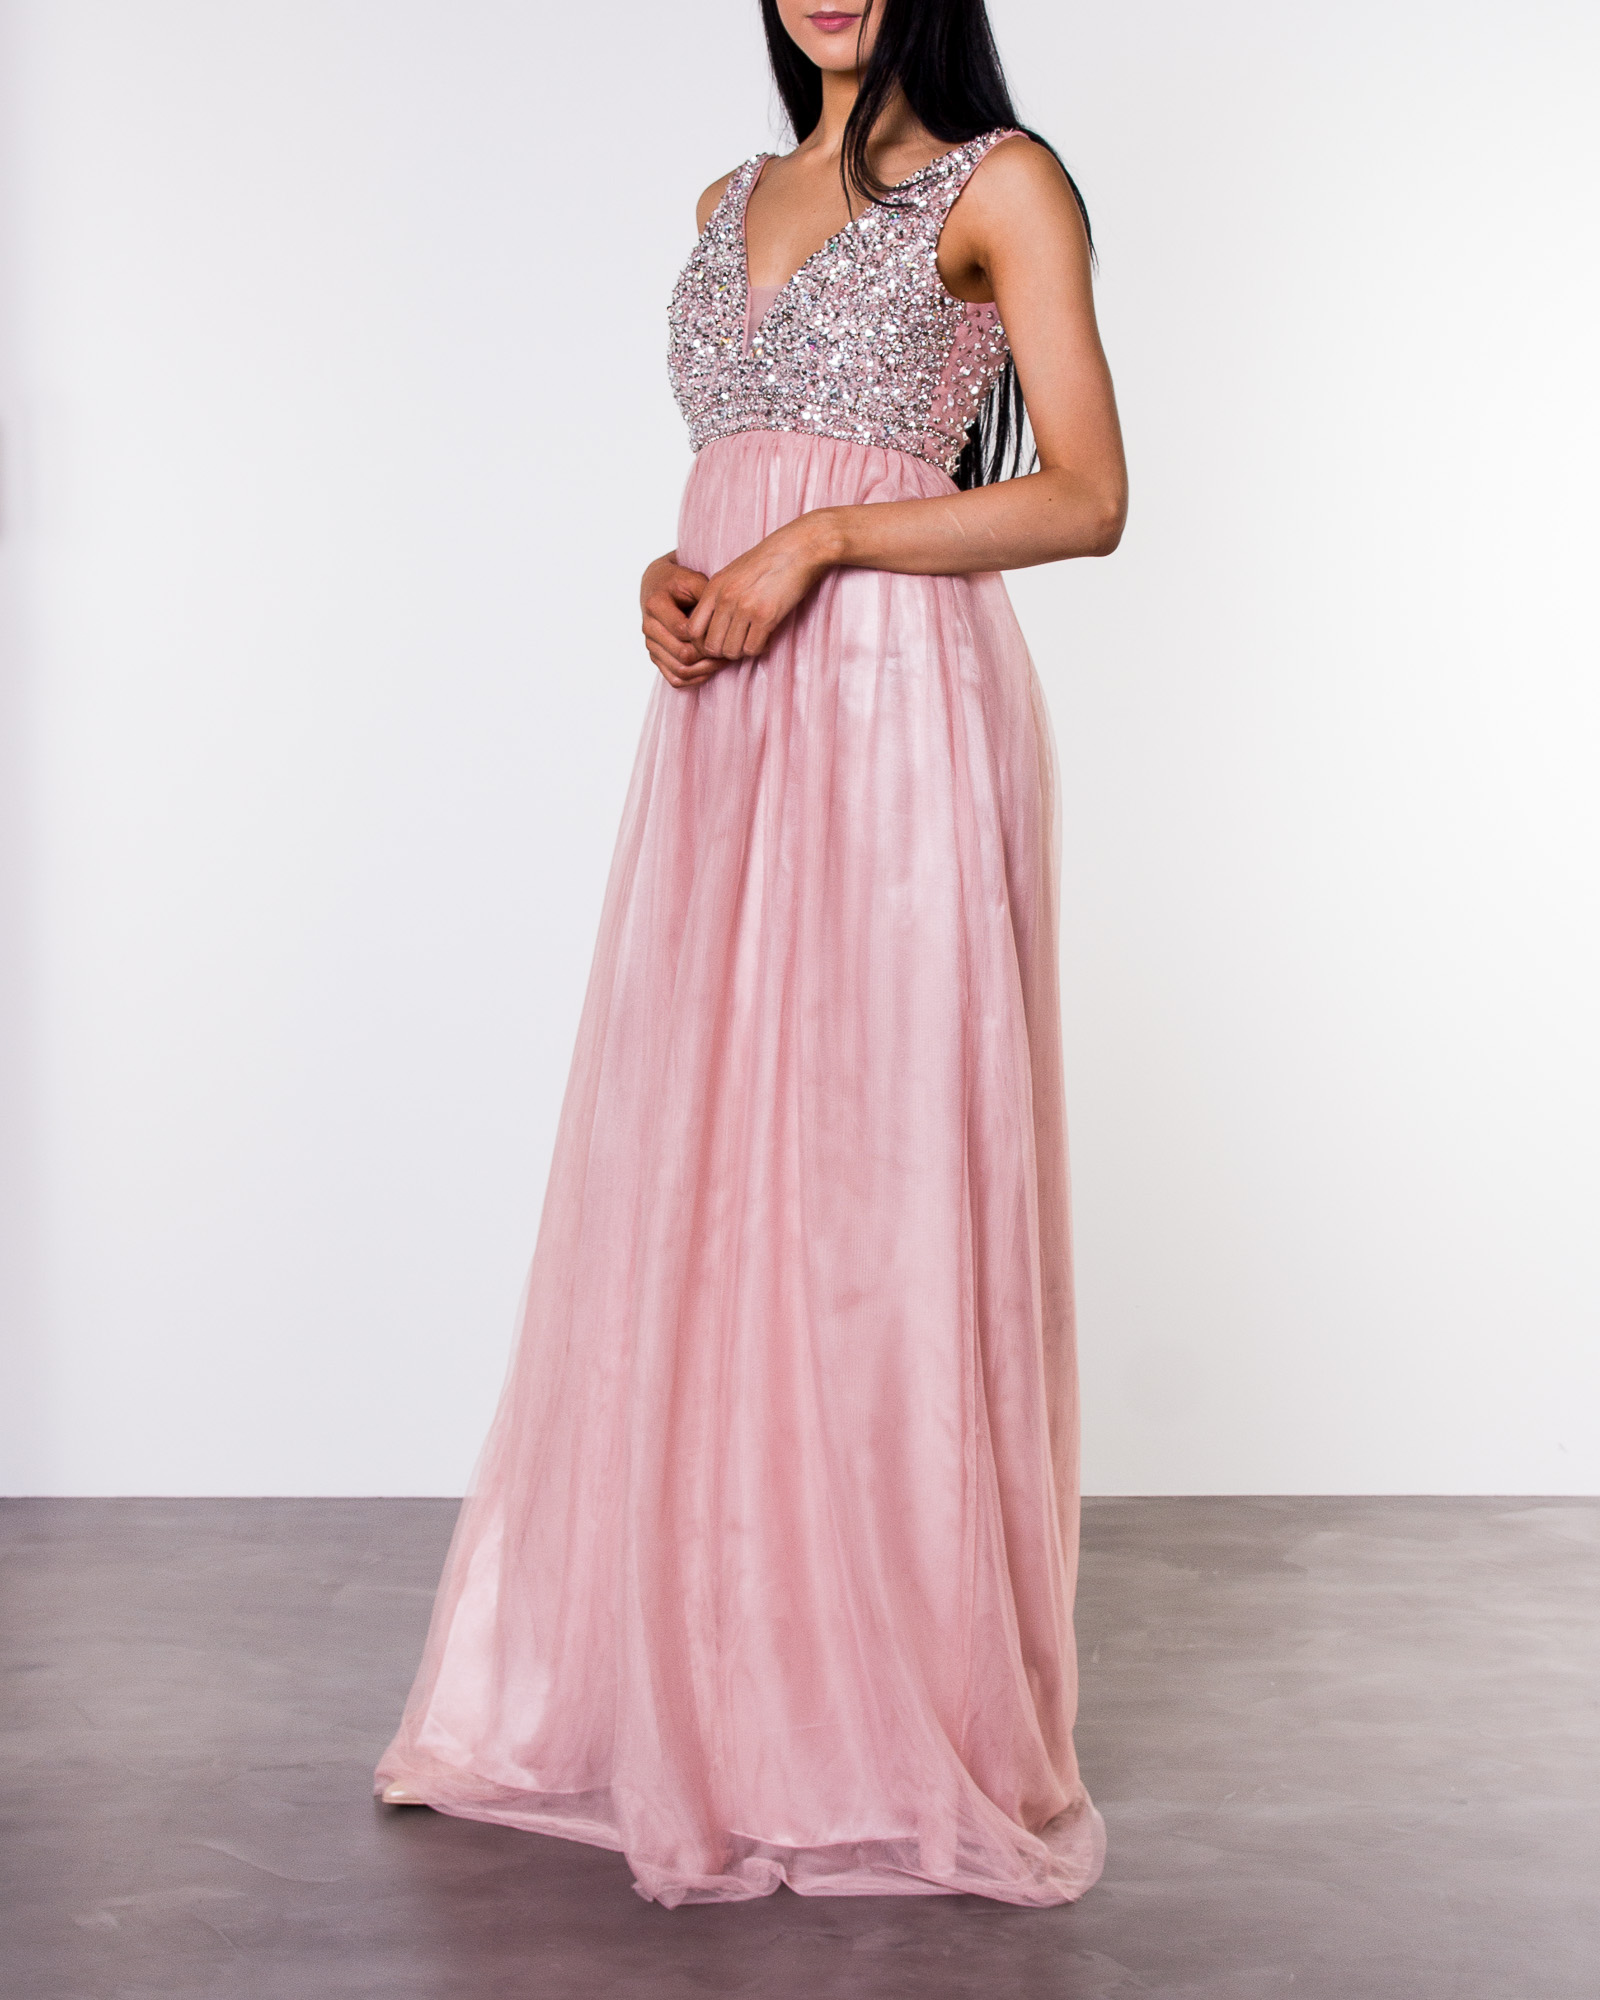 Bubbleroom, Ivory Embellished Prom Dress Light Pink | ALE